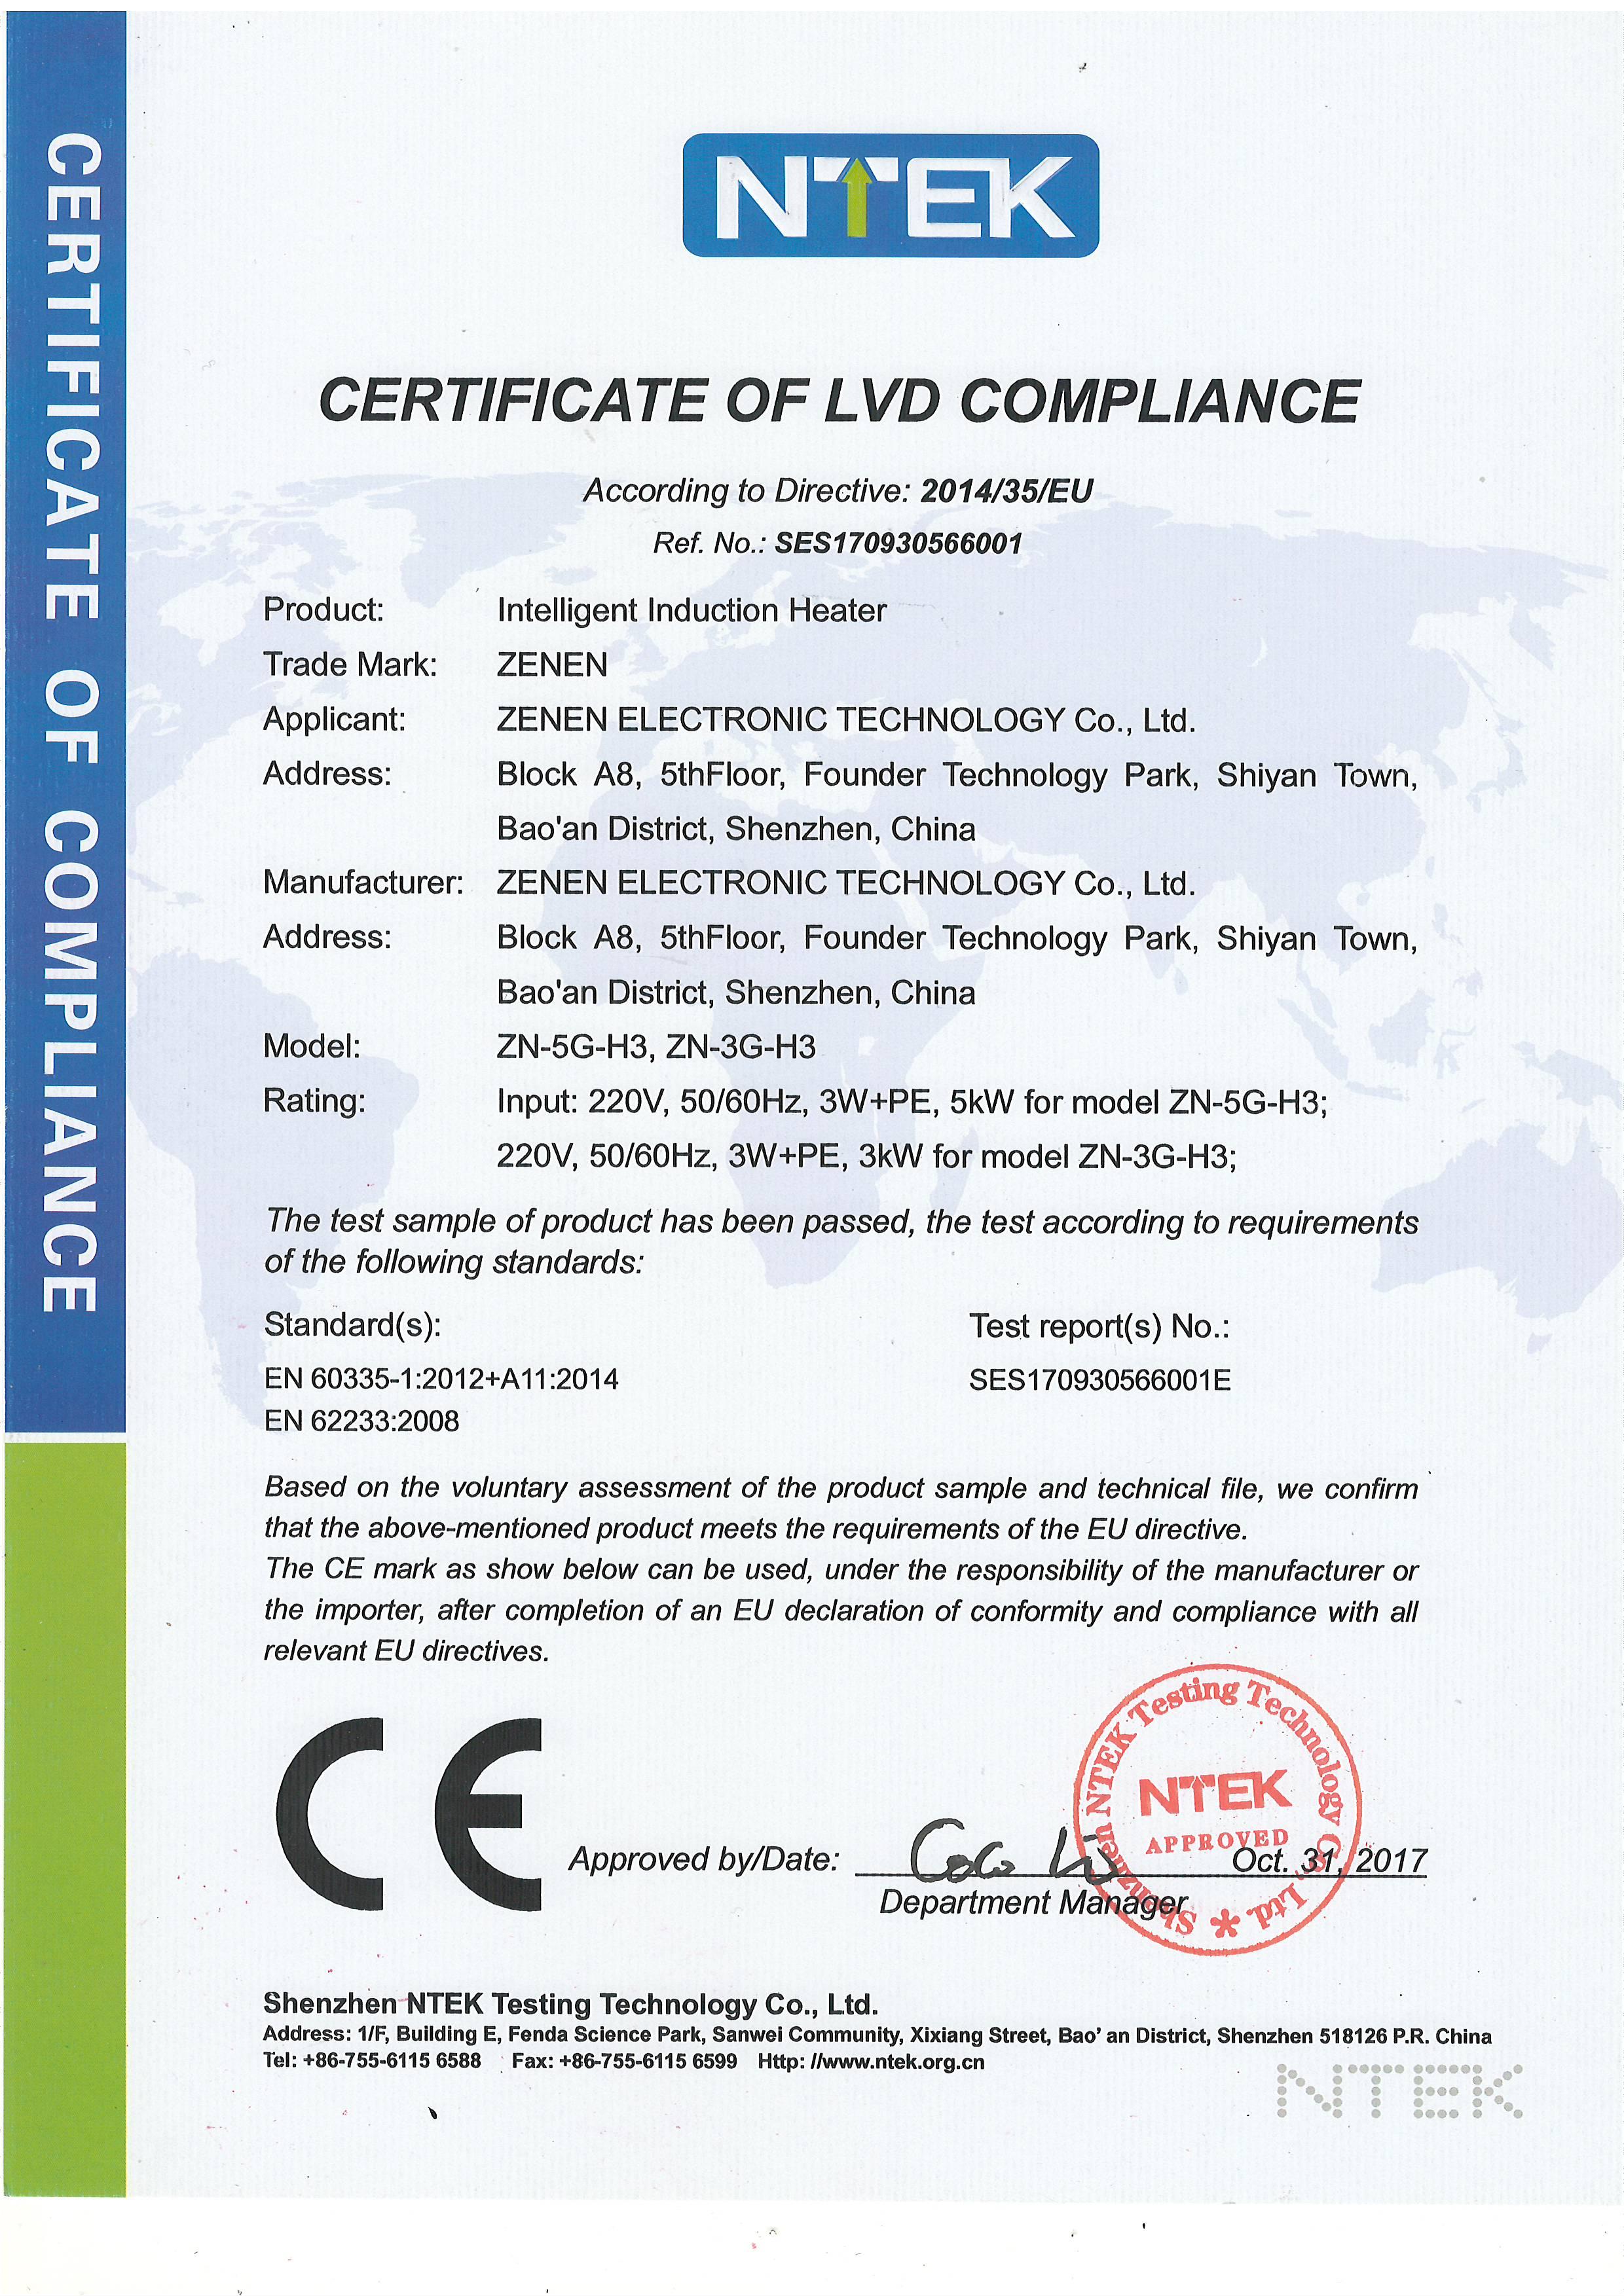 电磁加热国际认证ce证书